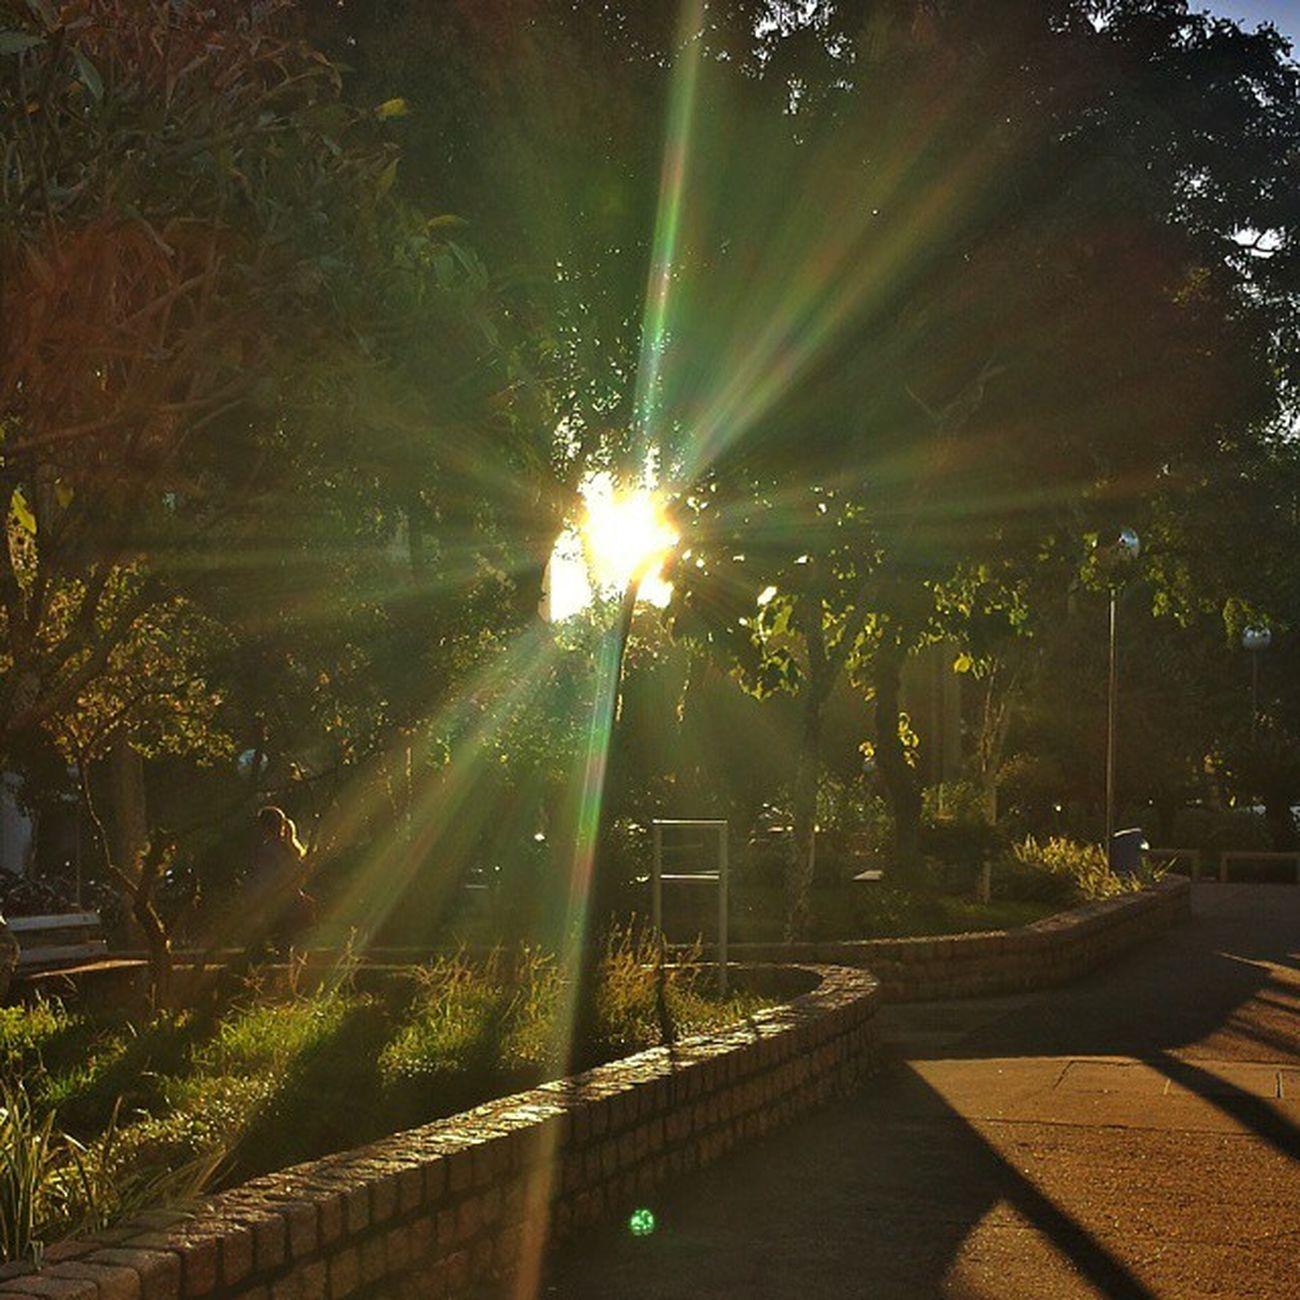 Boom Diiaa/Good Morning... Sun Thursday Sunrise Tree Bomdia Goodmorning Goodday Mundo_fotografico Photografy Photo Photooftheday Vibe Pucrs Instalike Instapoa Instalive Instaphoto Igerspoa Igersoftheday Lightning